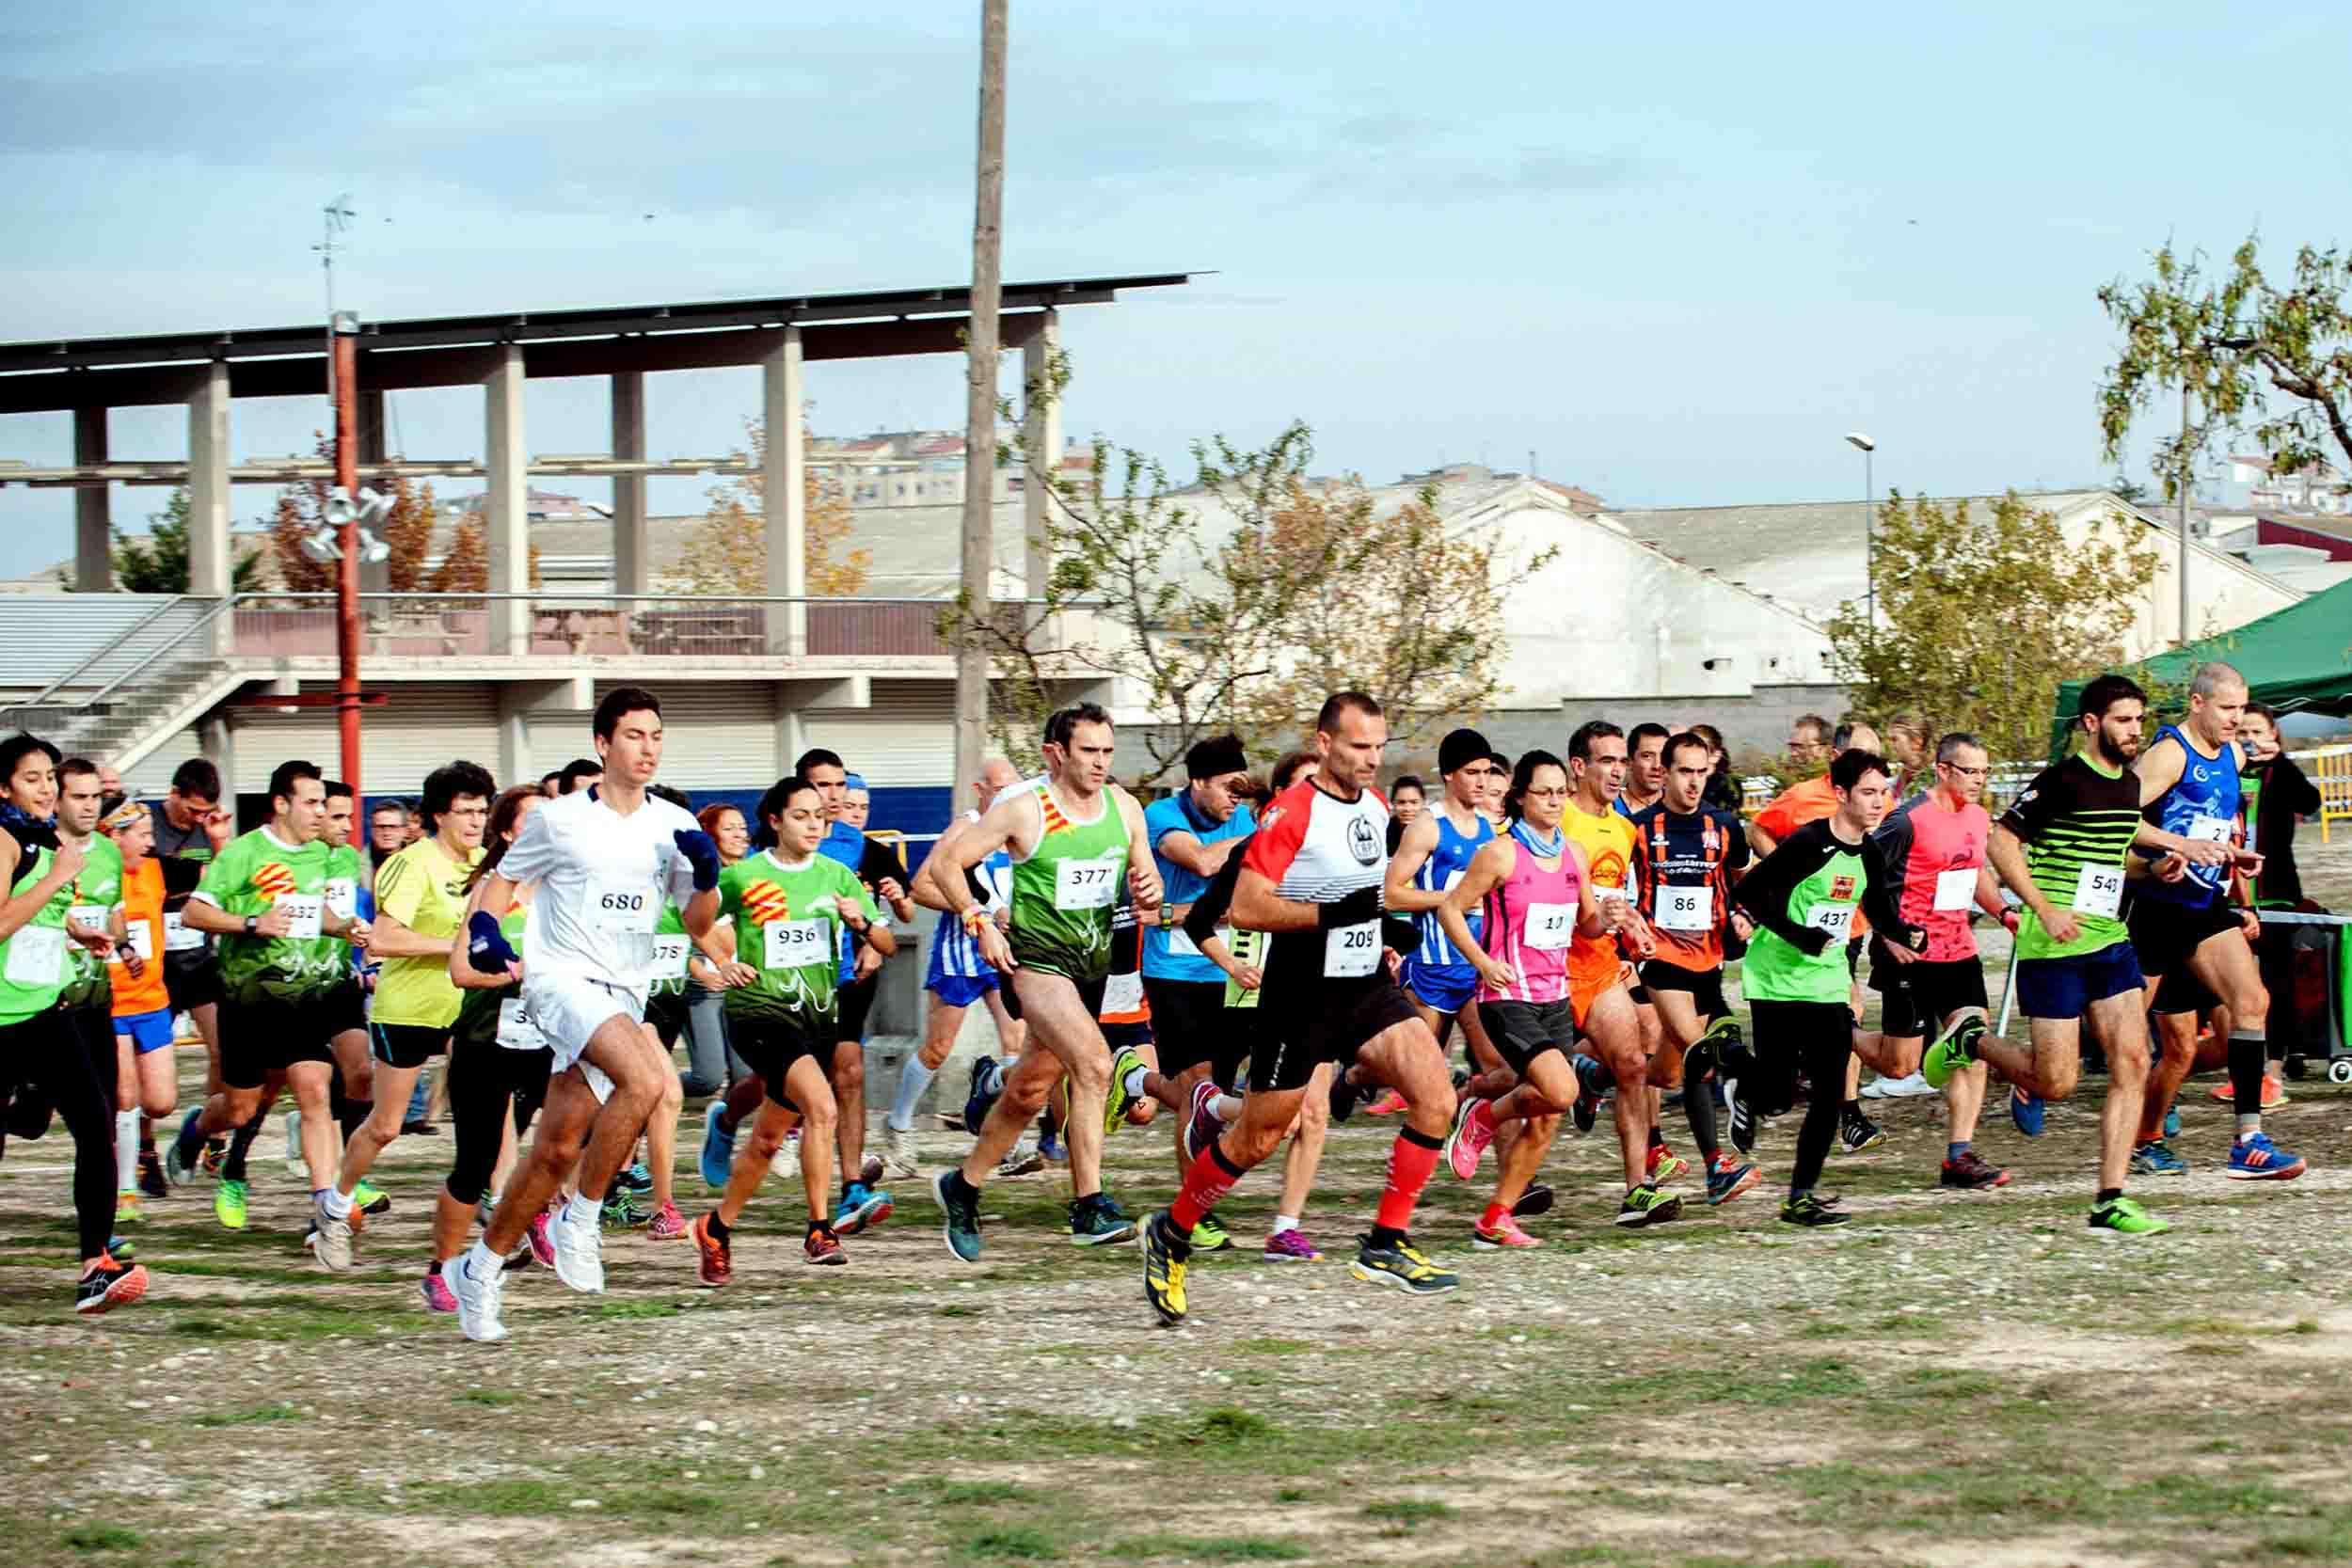 L'atletisme es dona cita al 27è Cros Intercomarcal de Tàrrega el diumenge 17 de novembre